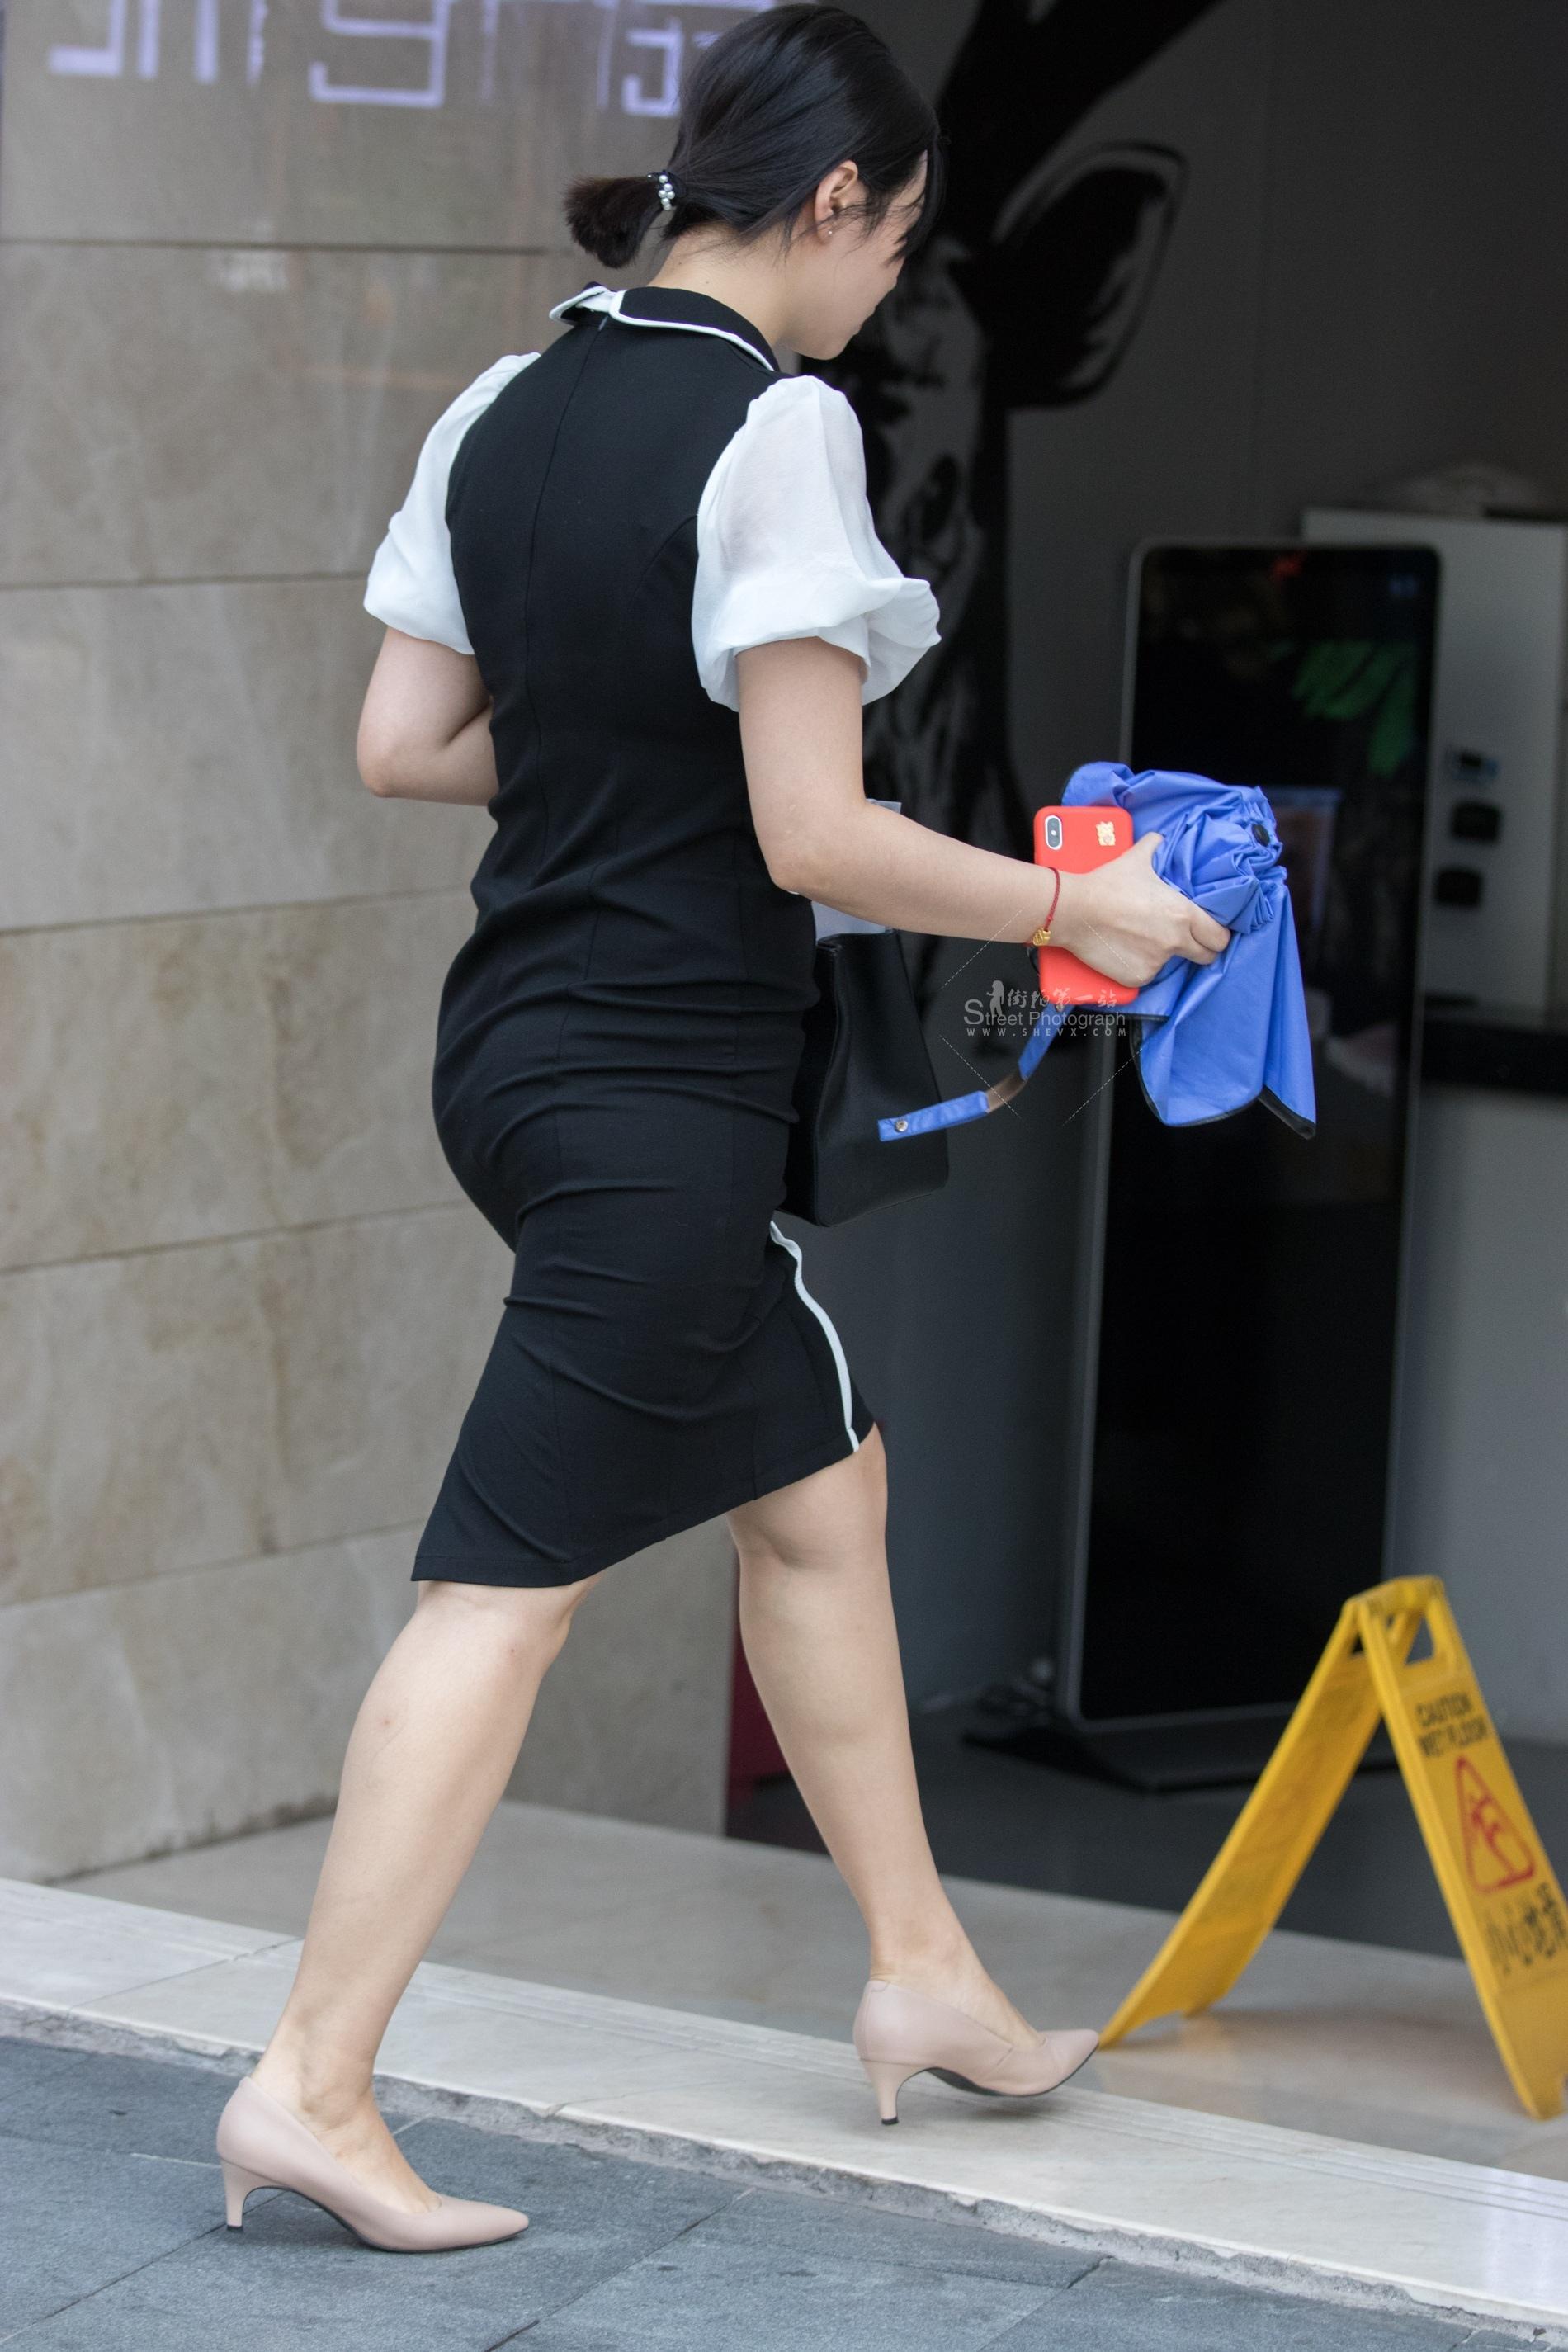 街拍高跟 俊风摄影+重庆9月30贴 颜值身材气质不错饱满紧凑肉色 高跟M腿Shao Fu 最新街拍丝袜图片 街拍丝袜第一站